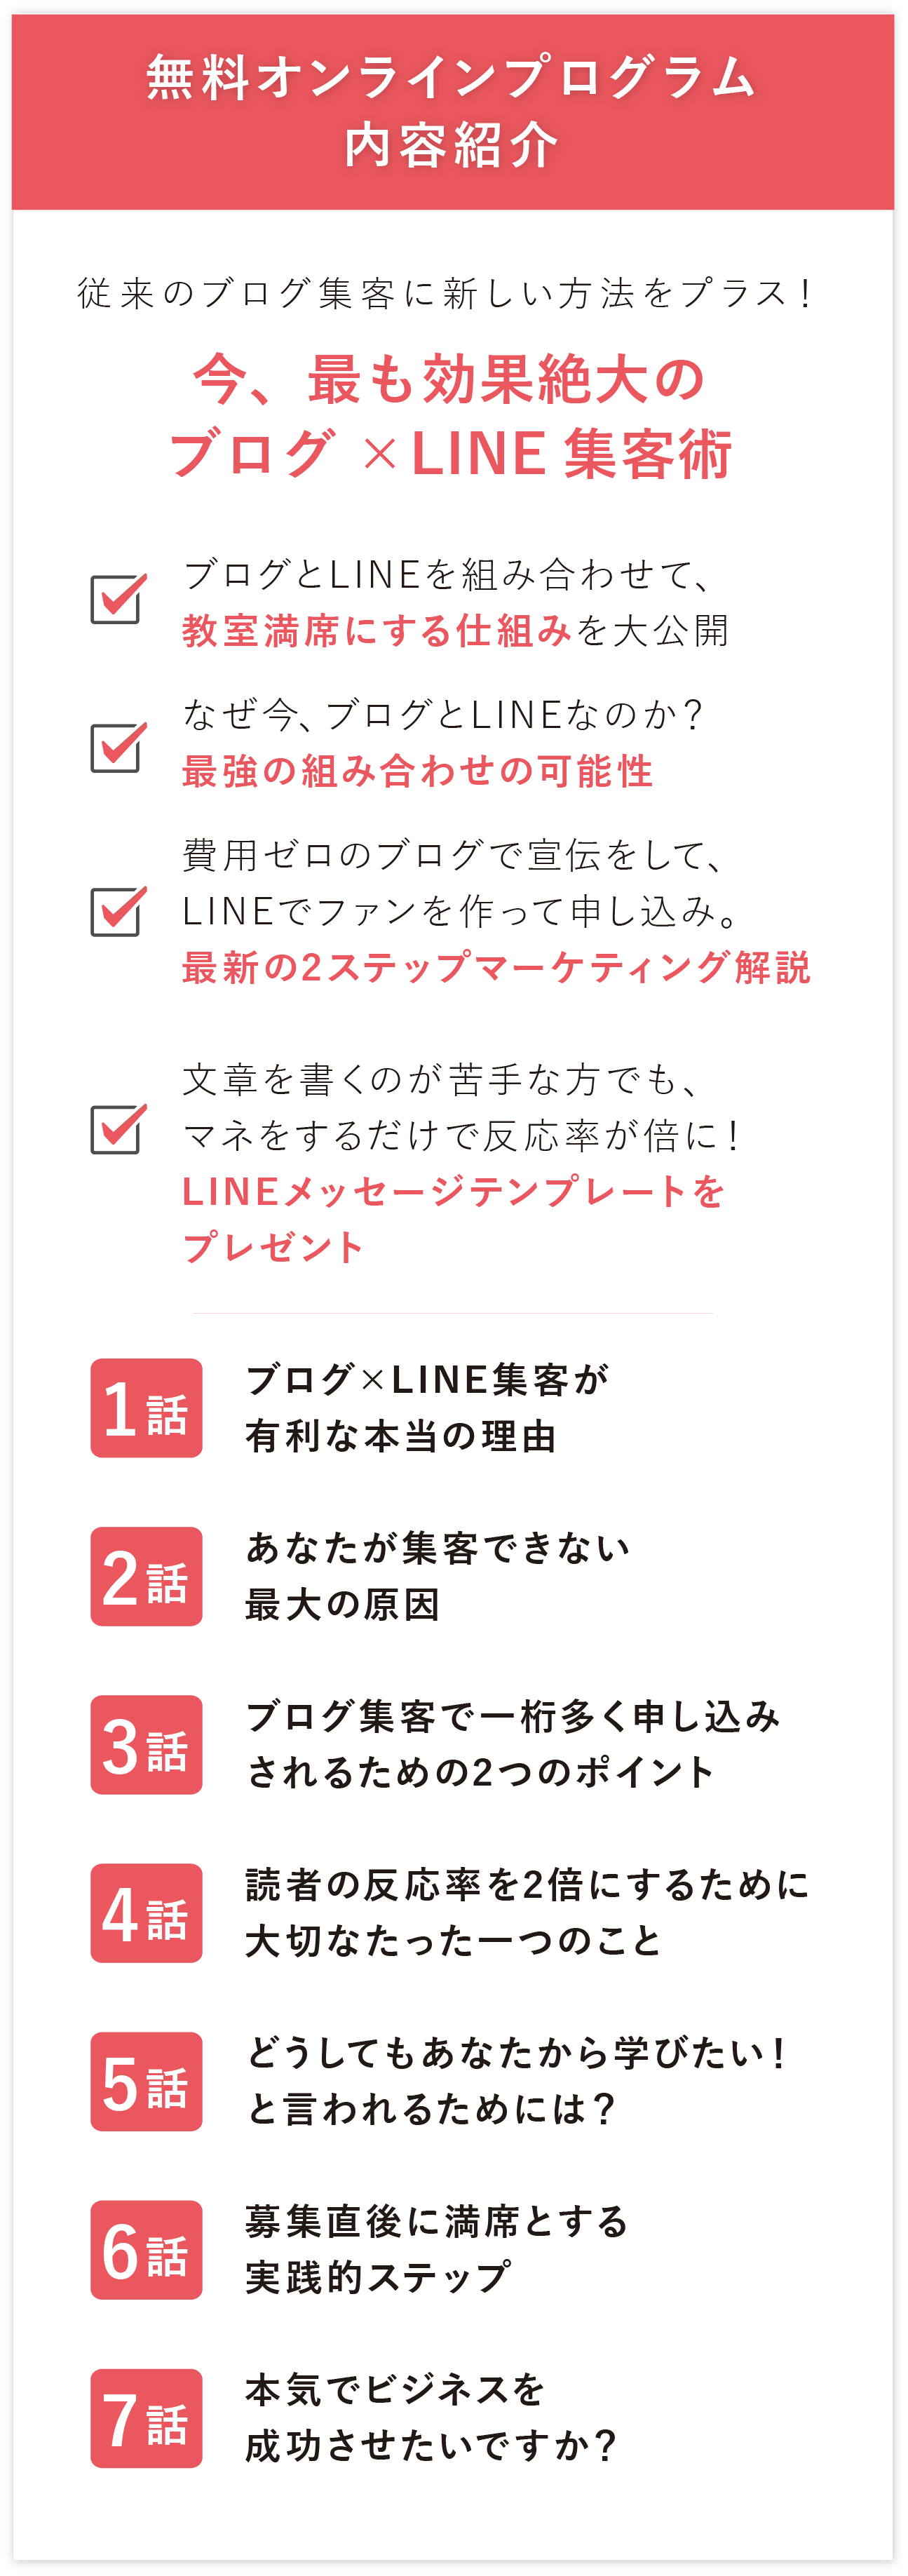 ブログ,LINE@集客,無料オンラインプログラム